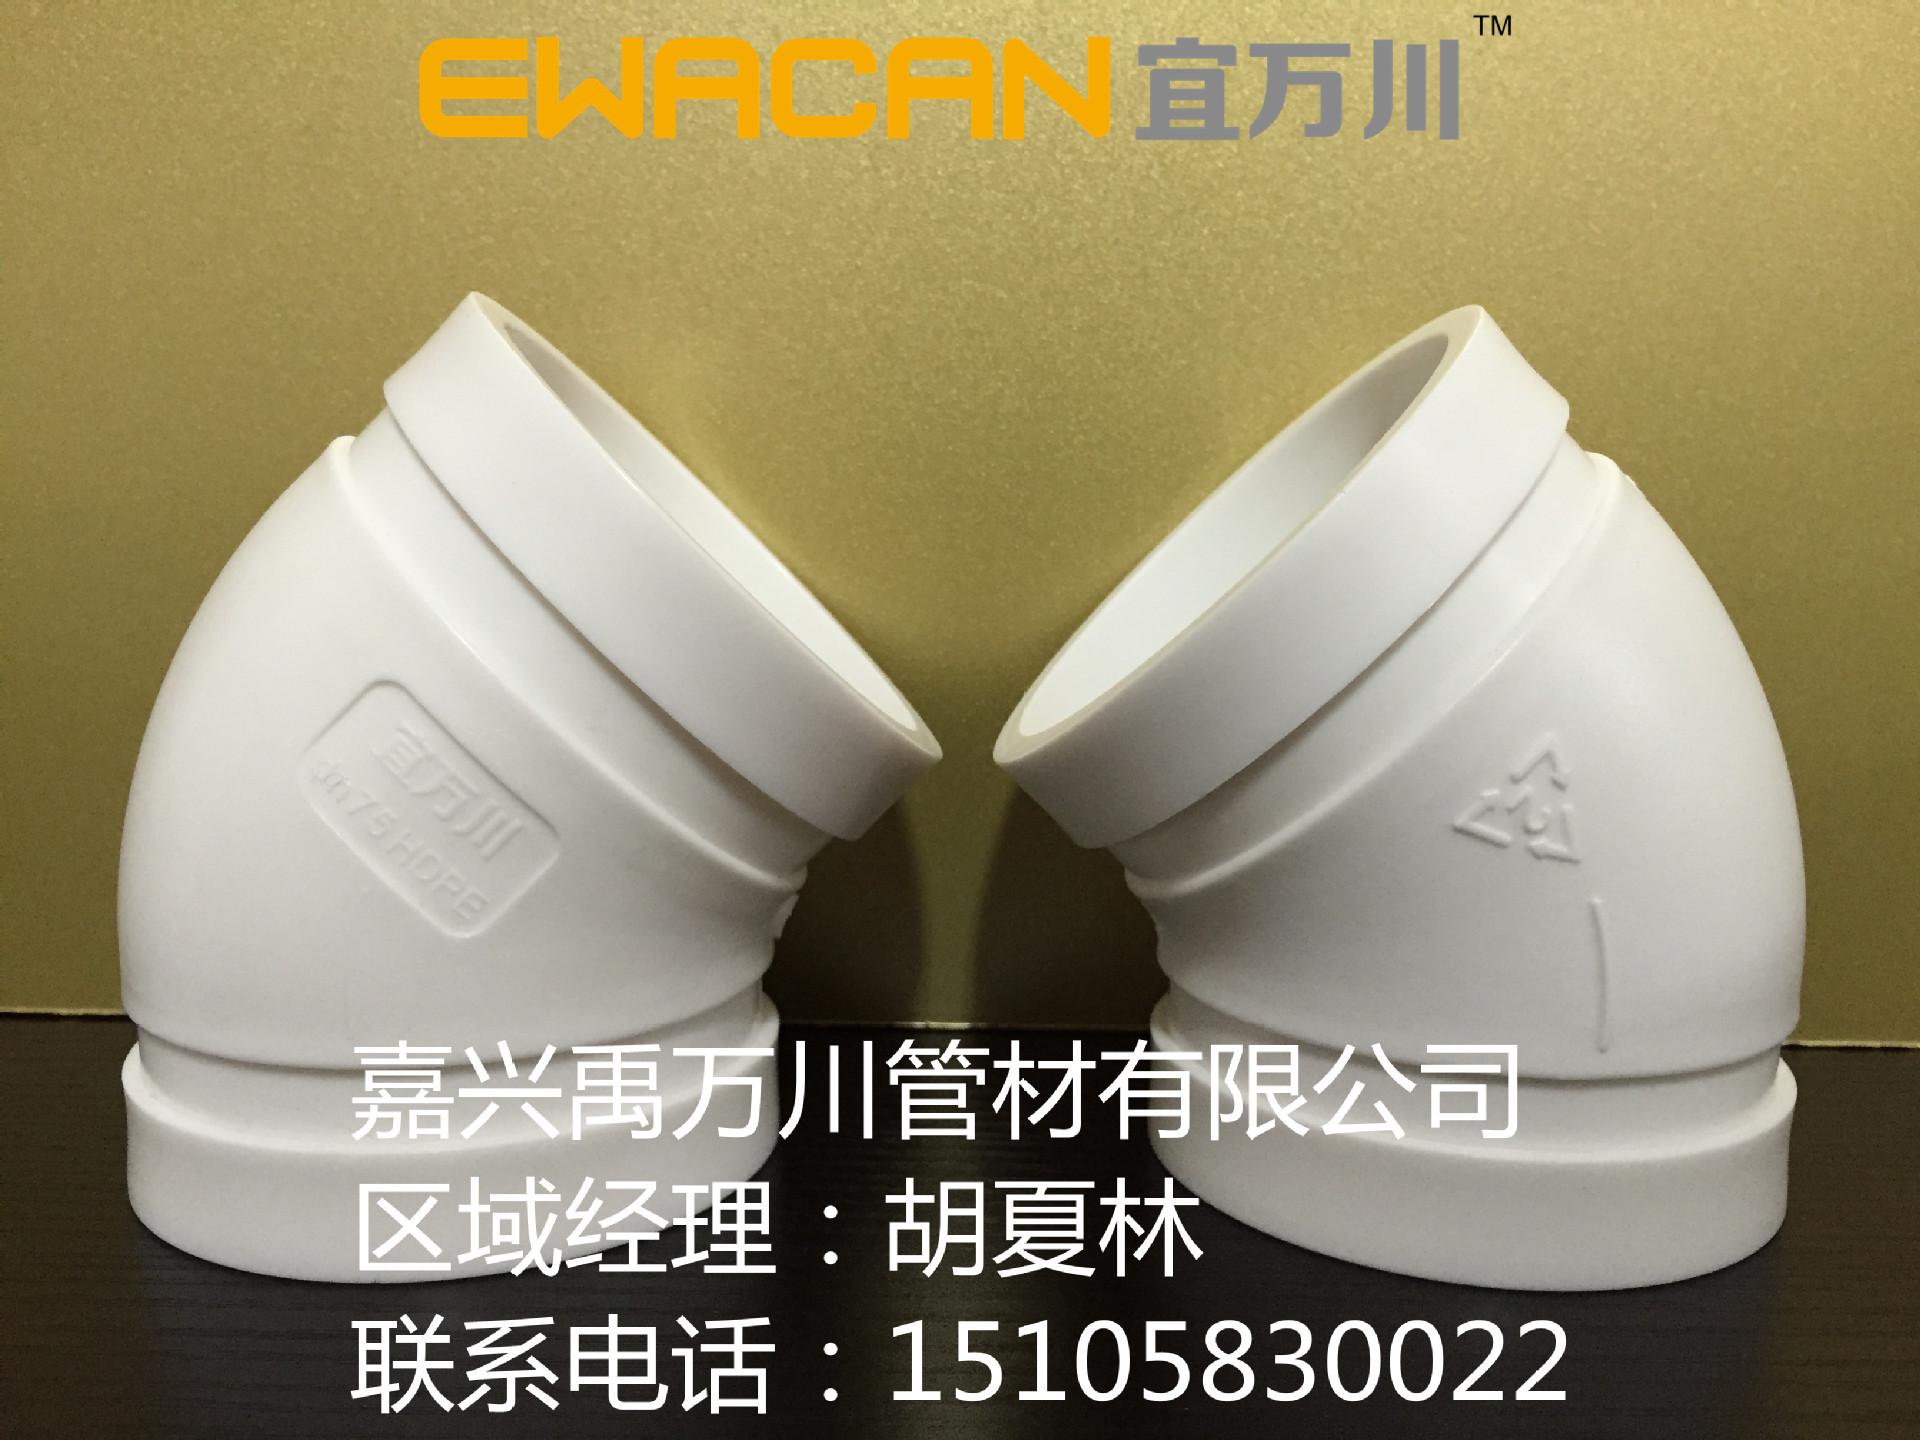 贵阳沟槽式HDPE超静音排水管,45度弯头,HDPE沟槽静音排水管,PE示例图3